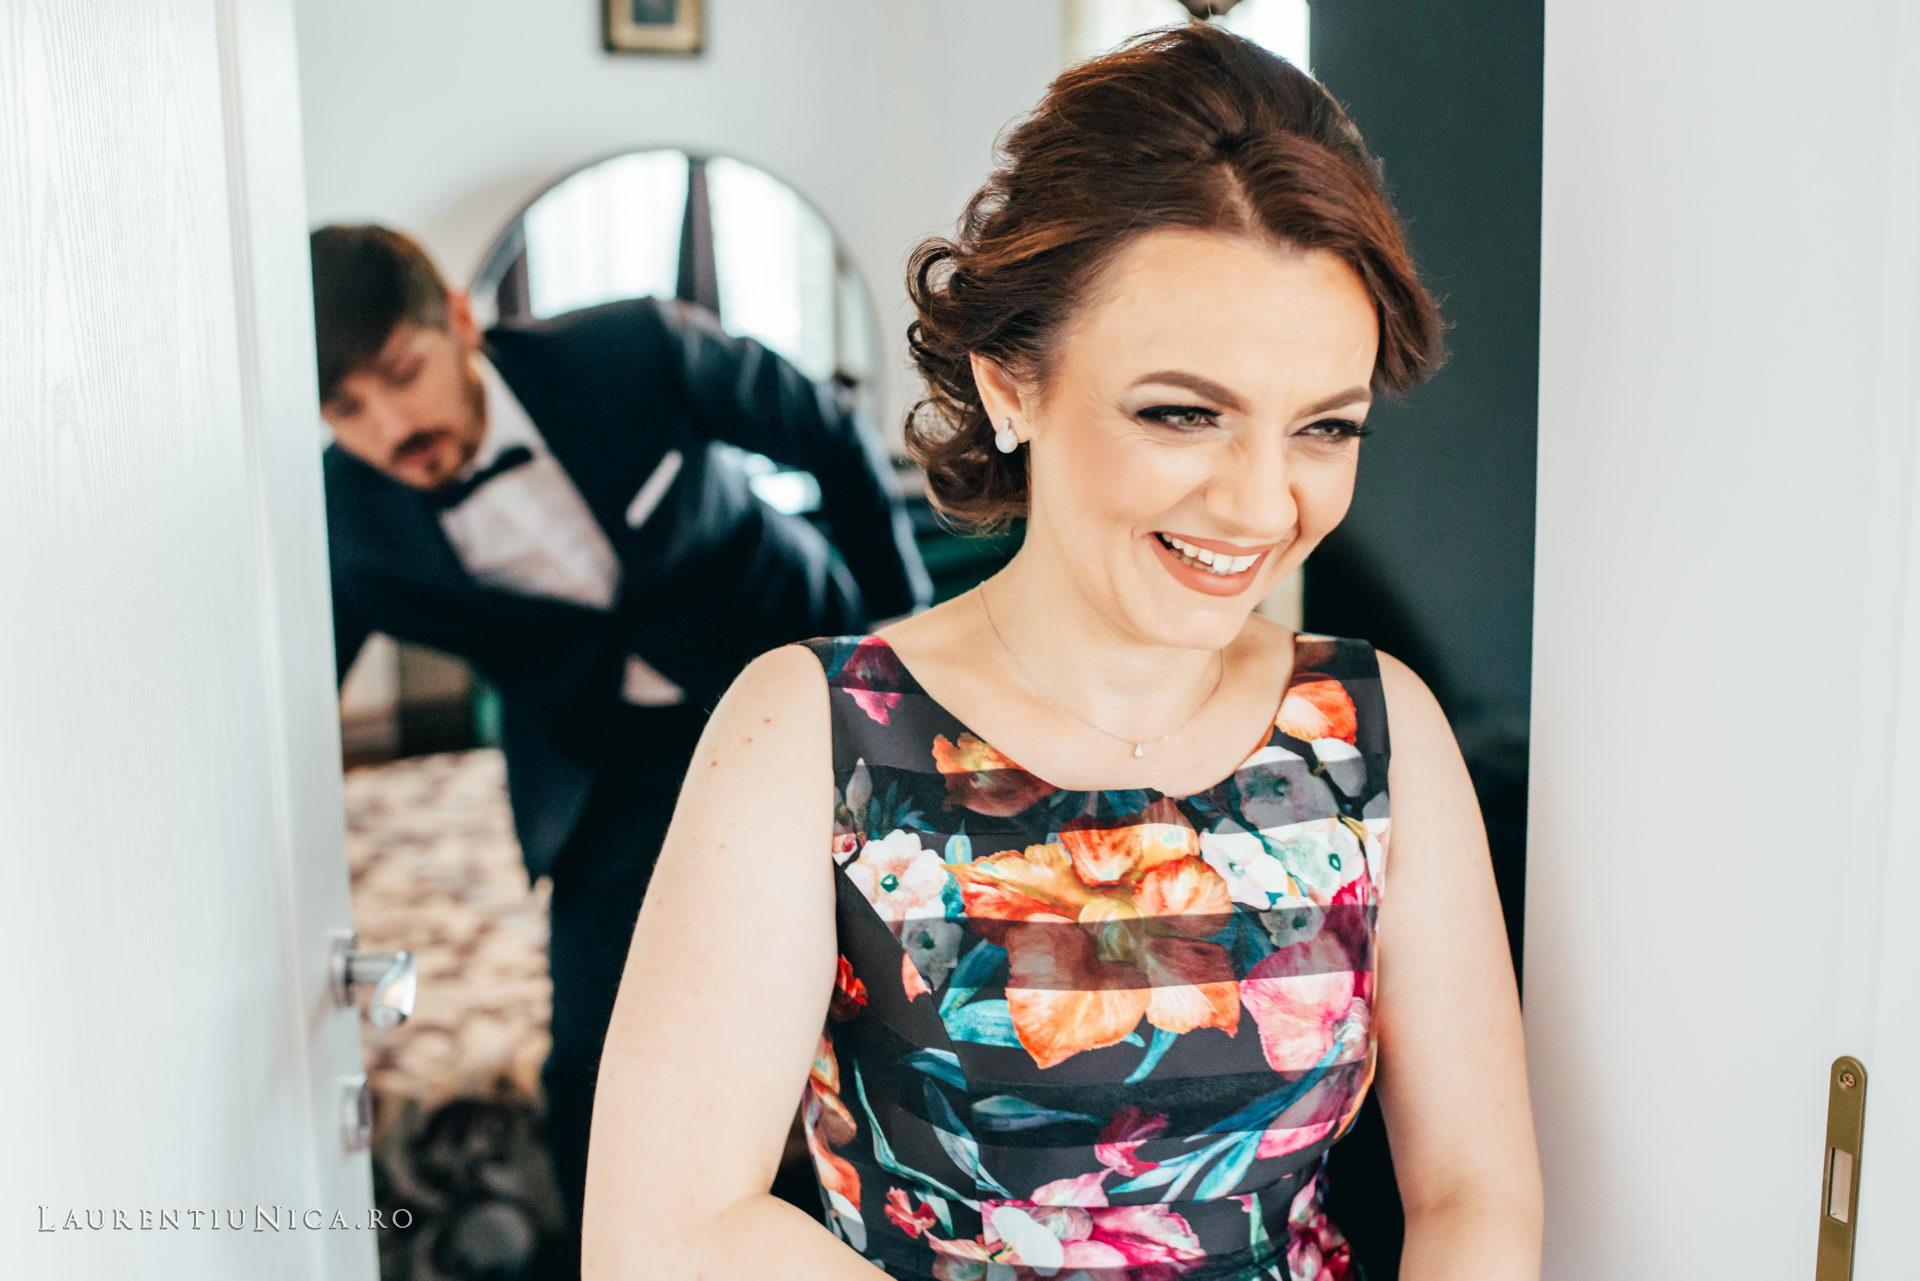 Cristina si Ovidiu nunta Craiova fotograf laurentiu nica 043 - Cristina & Ovidiu | Fotografii nunta | Craiova